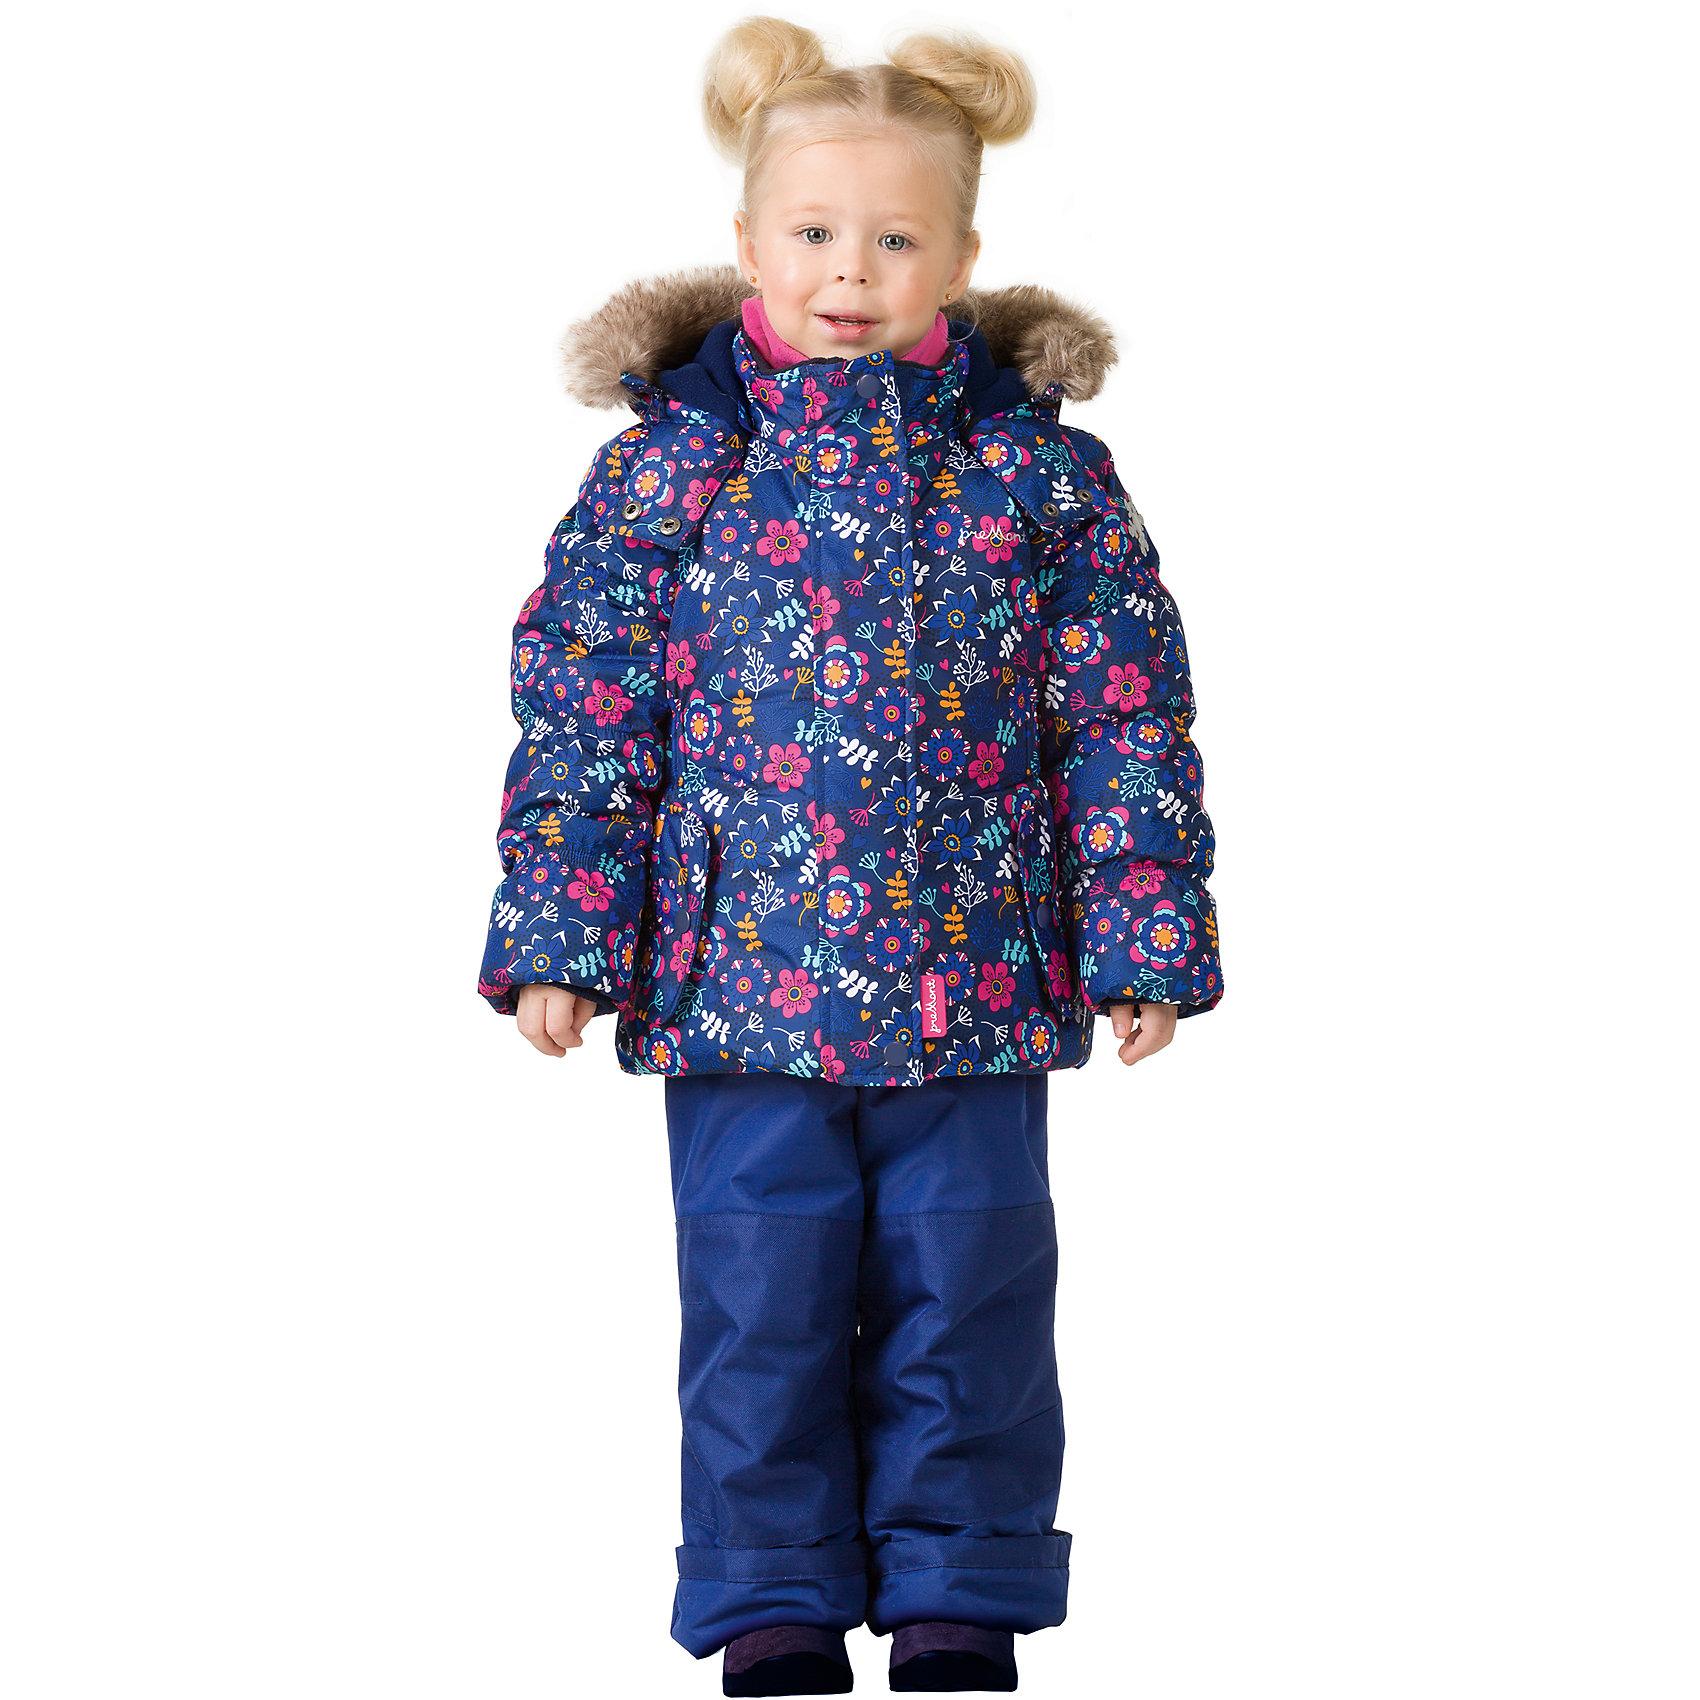 Комплект: куртка и брюки Premont для девочкиВерхняя одежда<br>Характеристики товара:<br><br>• цвет: синий<br>• комплектация: куртка и брюки<br>• состав ткани: Taslan<br>• подкладка: Polar fleece, Taffeta<br>• утеплитель: Tech-polyfill<br>• сезон: зима<br>• мембранное покрытие<br>• температурный режим: от -30 до +5<br>• водонепроницаемость: 5000 мм <br>• паропроницаемость: 5000 г/м2<br>• плотность утеплителя: куртка - 280 г/м2, брюки - 180 г/м2<br>• капюшон: съемный<br>• искусственный мех на капюшоне отстегивается<br>• застежка: молния<br>• страна бренда: Канада<br>• страна изготовитель: Китай<br><br>Этот зимний детский комплект позволяет ребенку не замерзнуть даже в сильный мороз, потому что теплый комплект для детей сделан с применением мембранной технологии. Зимний комплект для ребенка обеспечивает удобство при долгом нахождении ребенка на улице. <br><br>Комплект: куртка и брюки для девочки Premont (Премонт) можно купить в нашем интернет-магазине.<br><br>Ширина мм: 356<br>Глубина мм: 10<br>Высота мм: 245<br>Вес г: 519<br>Цвет: синий<br>Возраст от месяцев: 156<br>Возраст до месяцев: 168<br>Пол: Женский<br>Возраст: Детский<br>Размер: 164,104,110,116,92,98,100,120,122,128,140,152<br>SKU: 7088138